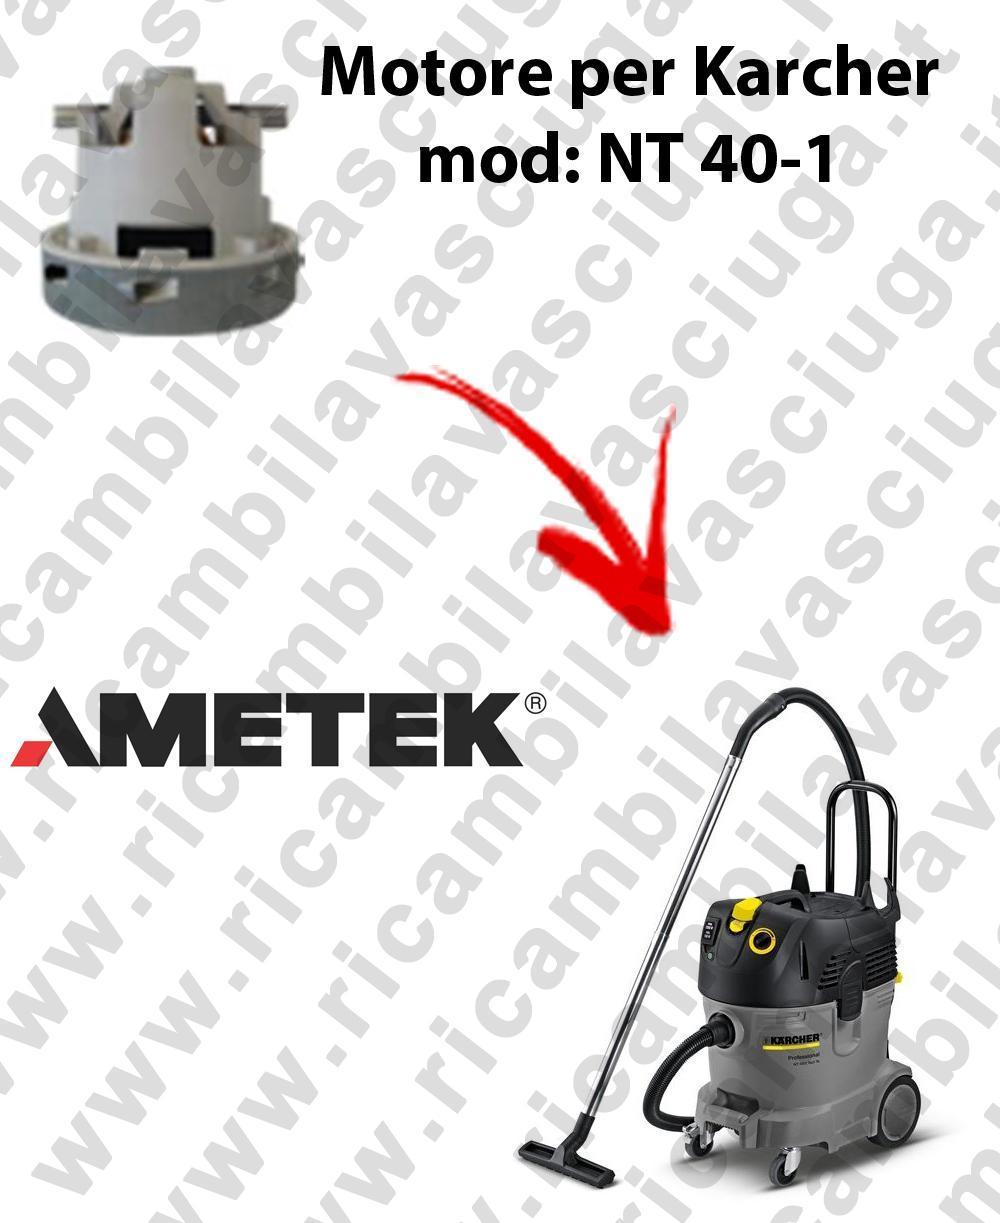 NT 40-1 Saugmotor AMETEK für Staubsauger KARCHER